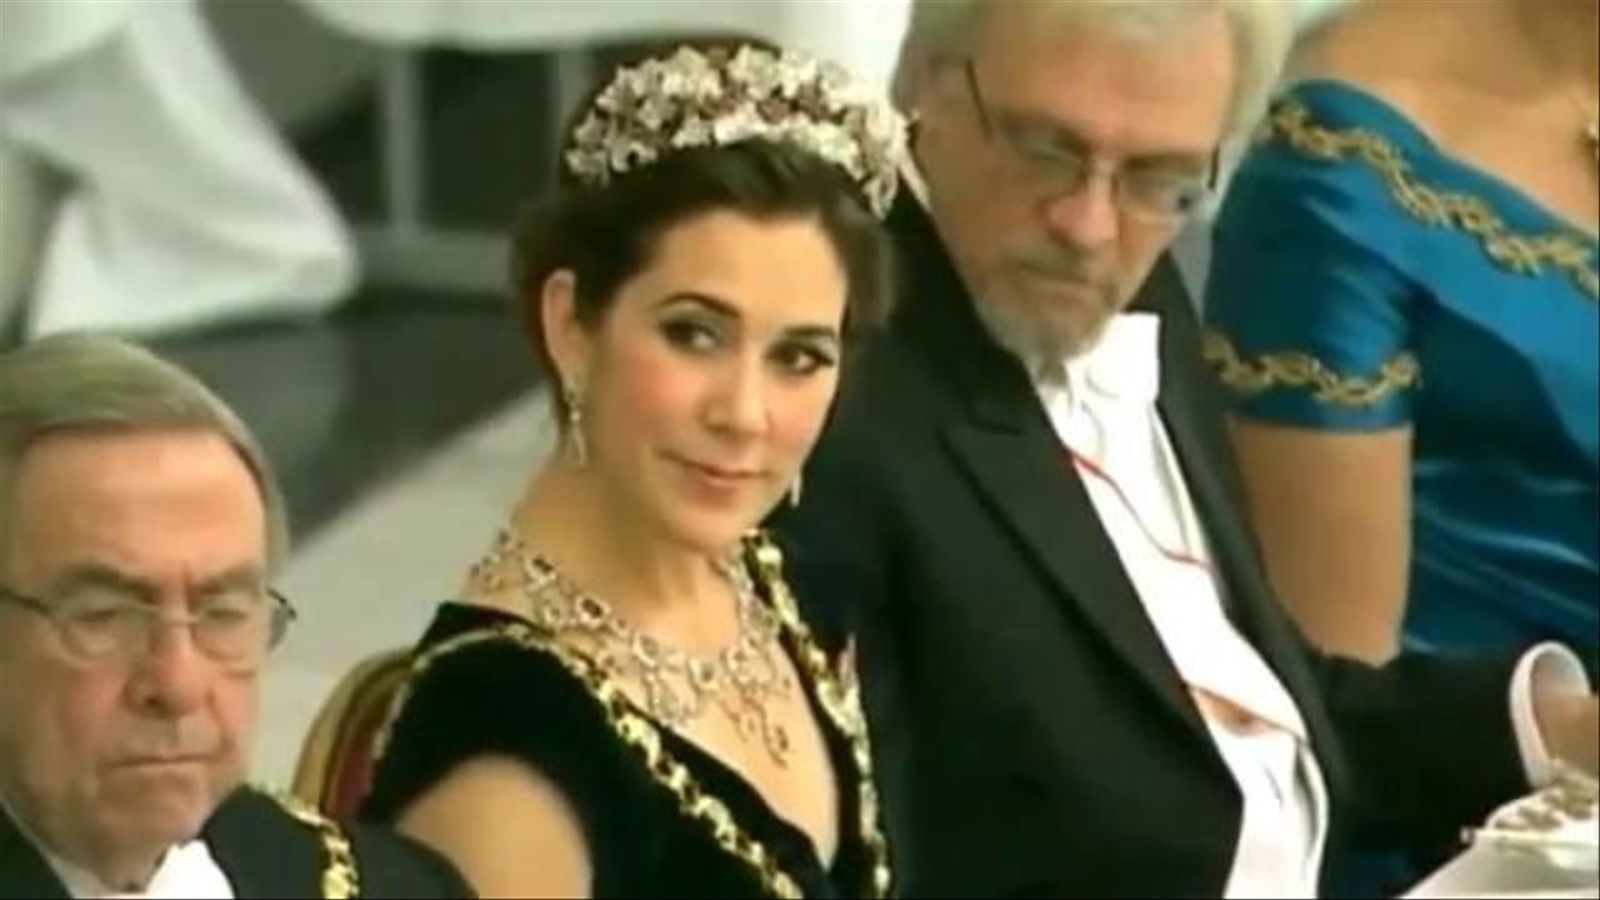 El marit de la presidenta de Finlàndia mira l'escot de la princesa Mary de Dinamarca